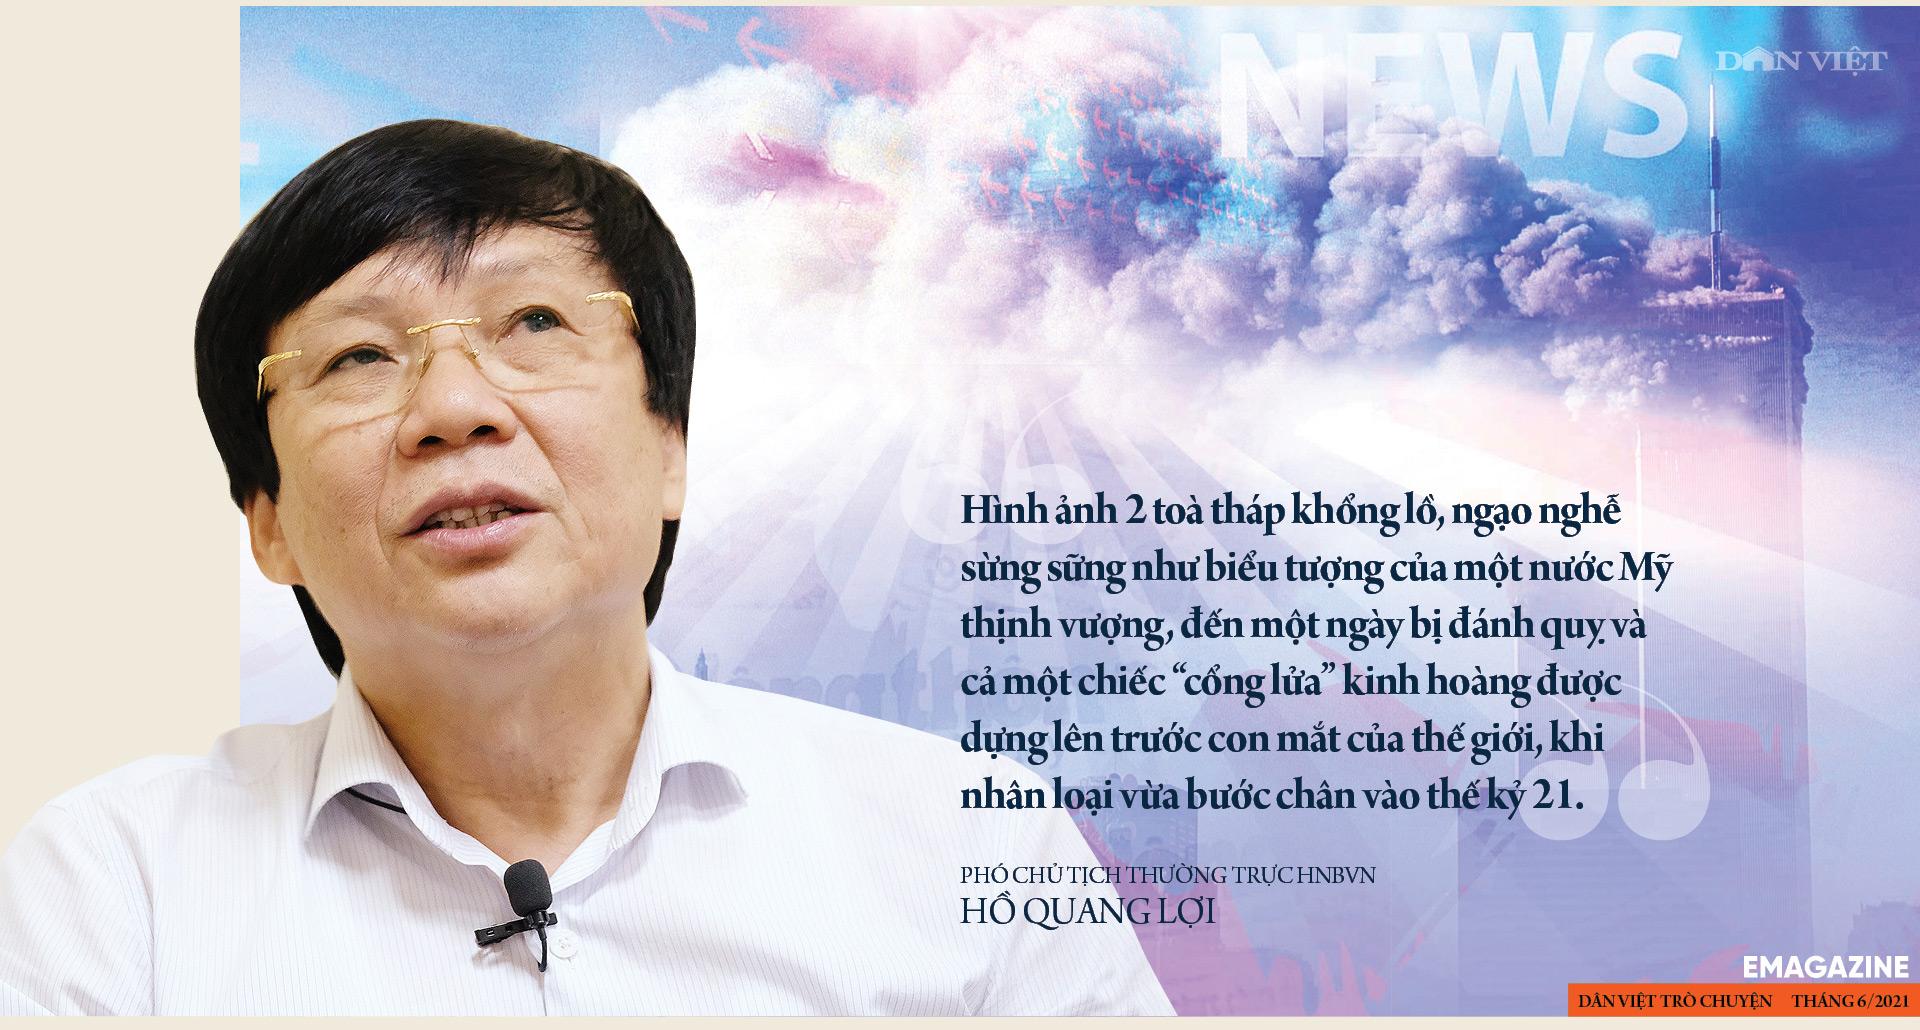 Nhà báo Hồ Quang Lợi: Dù công nghệ thay đổi ra sao, mấu chốt nghề báo vẫn là vì công lý và sự thật - Ảnh 5.